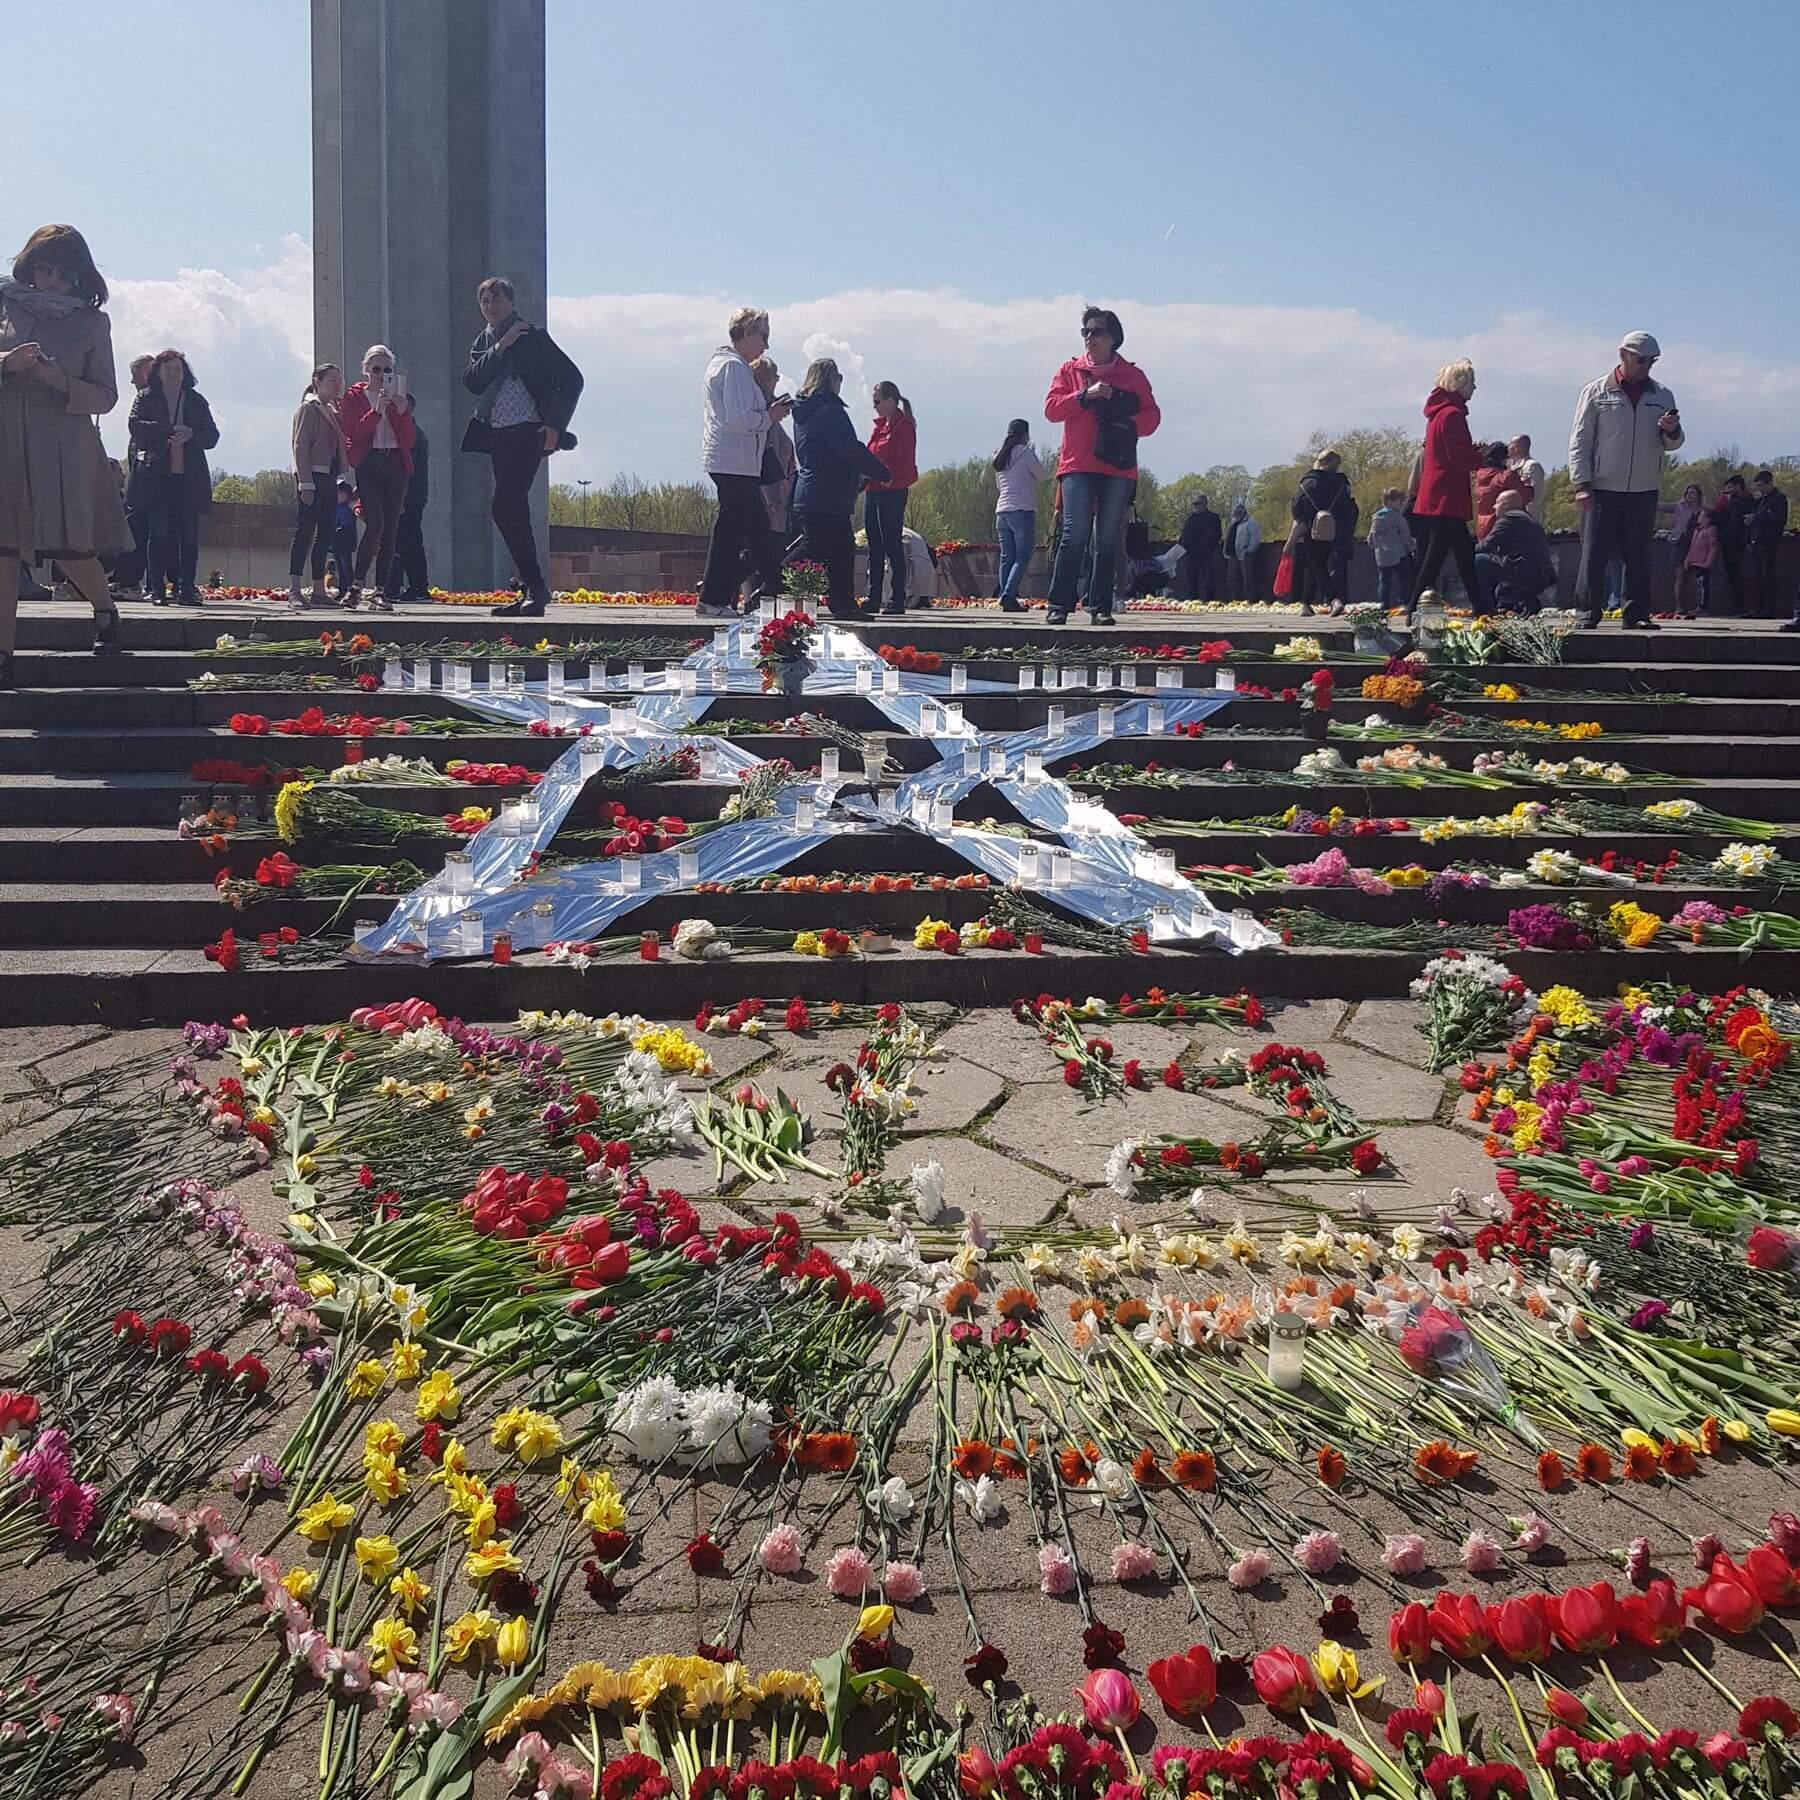 Несмотря нарекомендацию властей невыходить 9мая кПамятнику Освободителям, люди буквально усыпали площадь перед памятником цветами. Фото: Елена Смехова